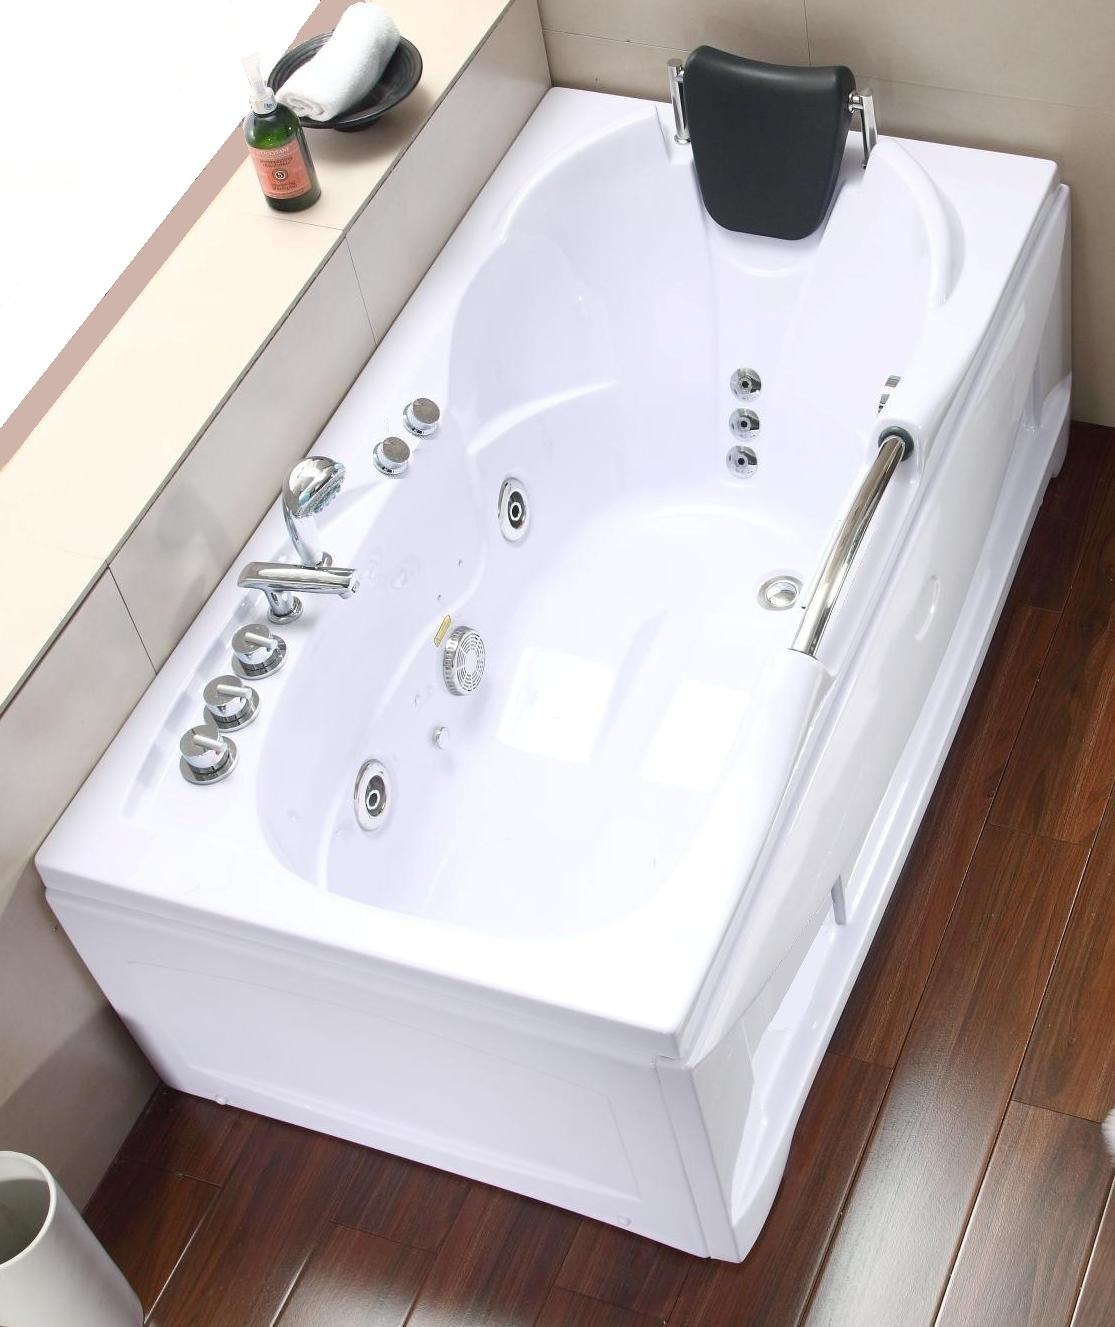 Vasche rettangolari vasca idromassaggio rettangolare michael 153x85 - Misure vasche da bagno rettangolari ...